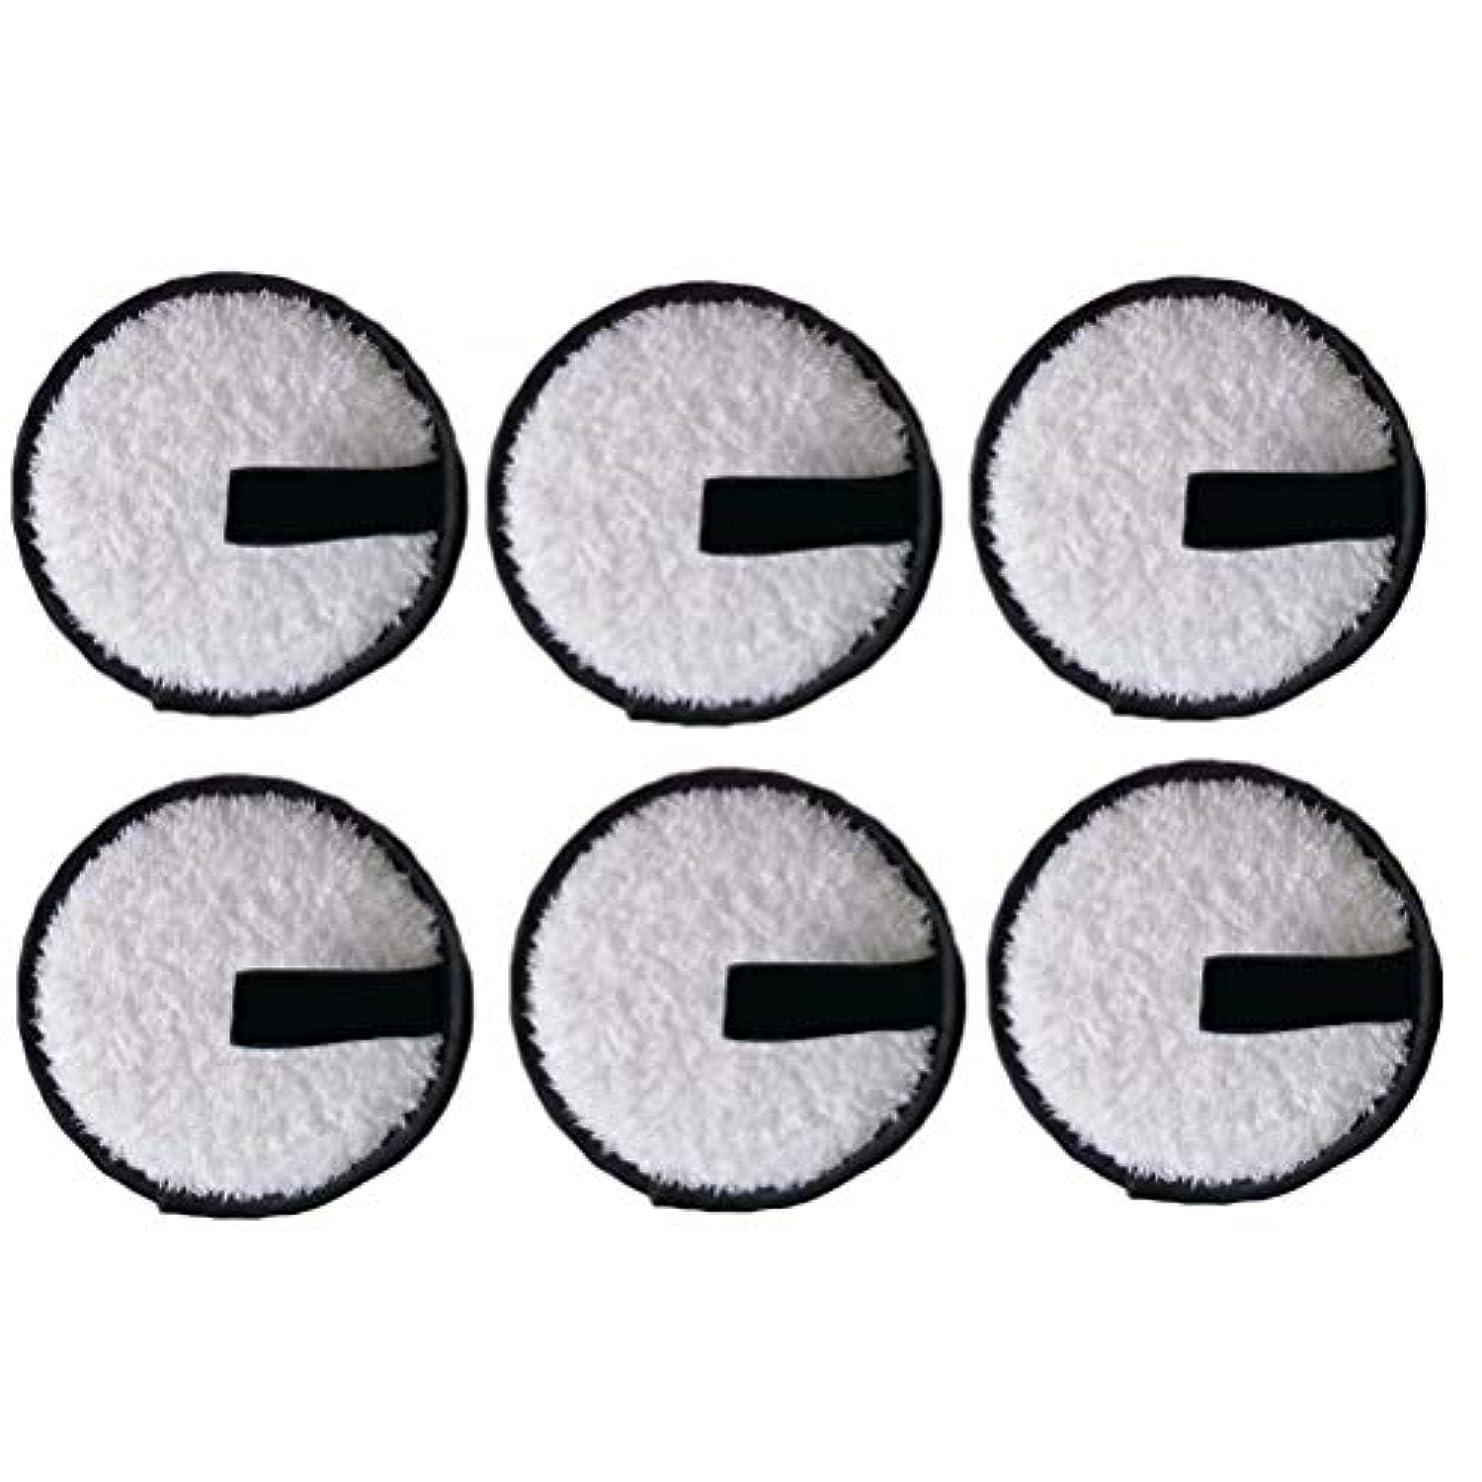 解体するディスパッチ悪党Frcolor メイクアップパフ クレンジングパフ メイク落とし圧縮パッド 6本(黒)